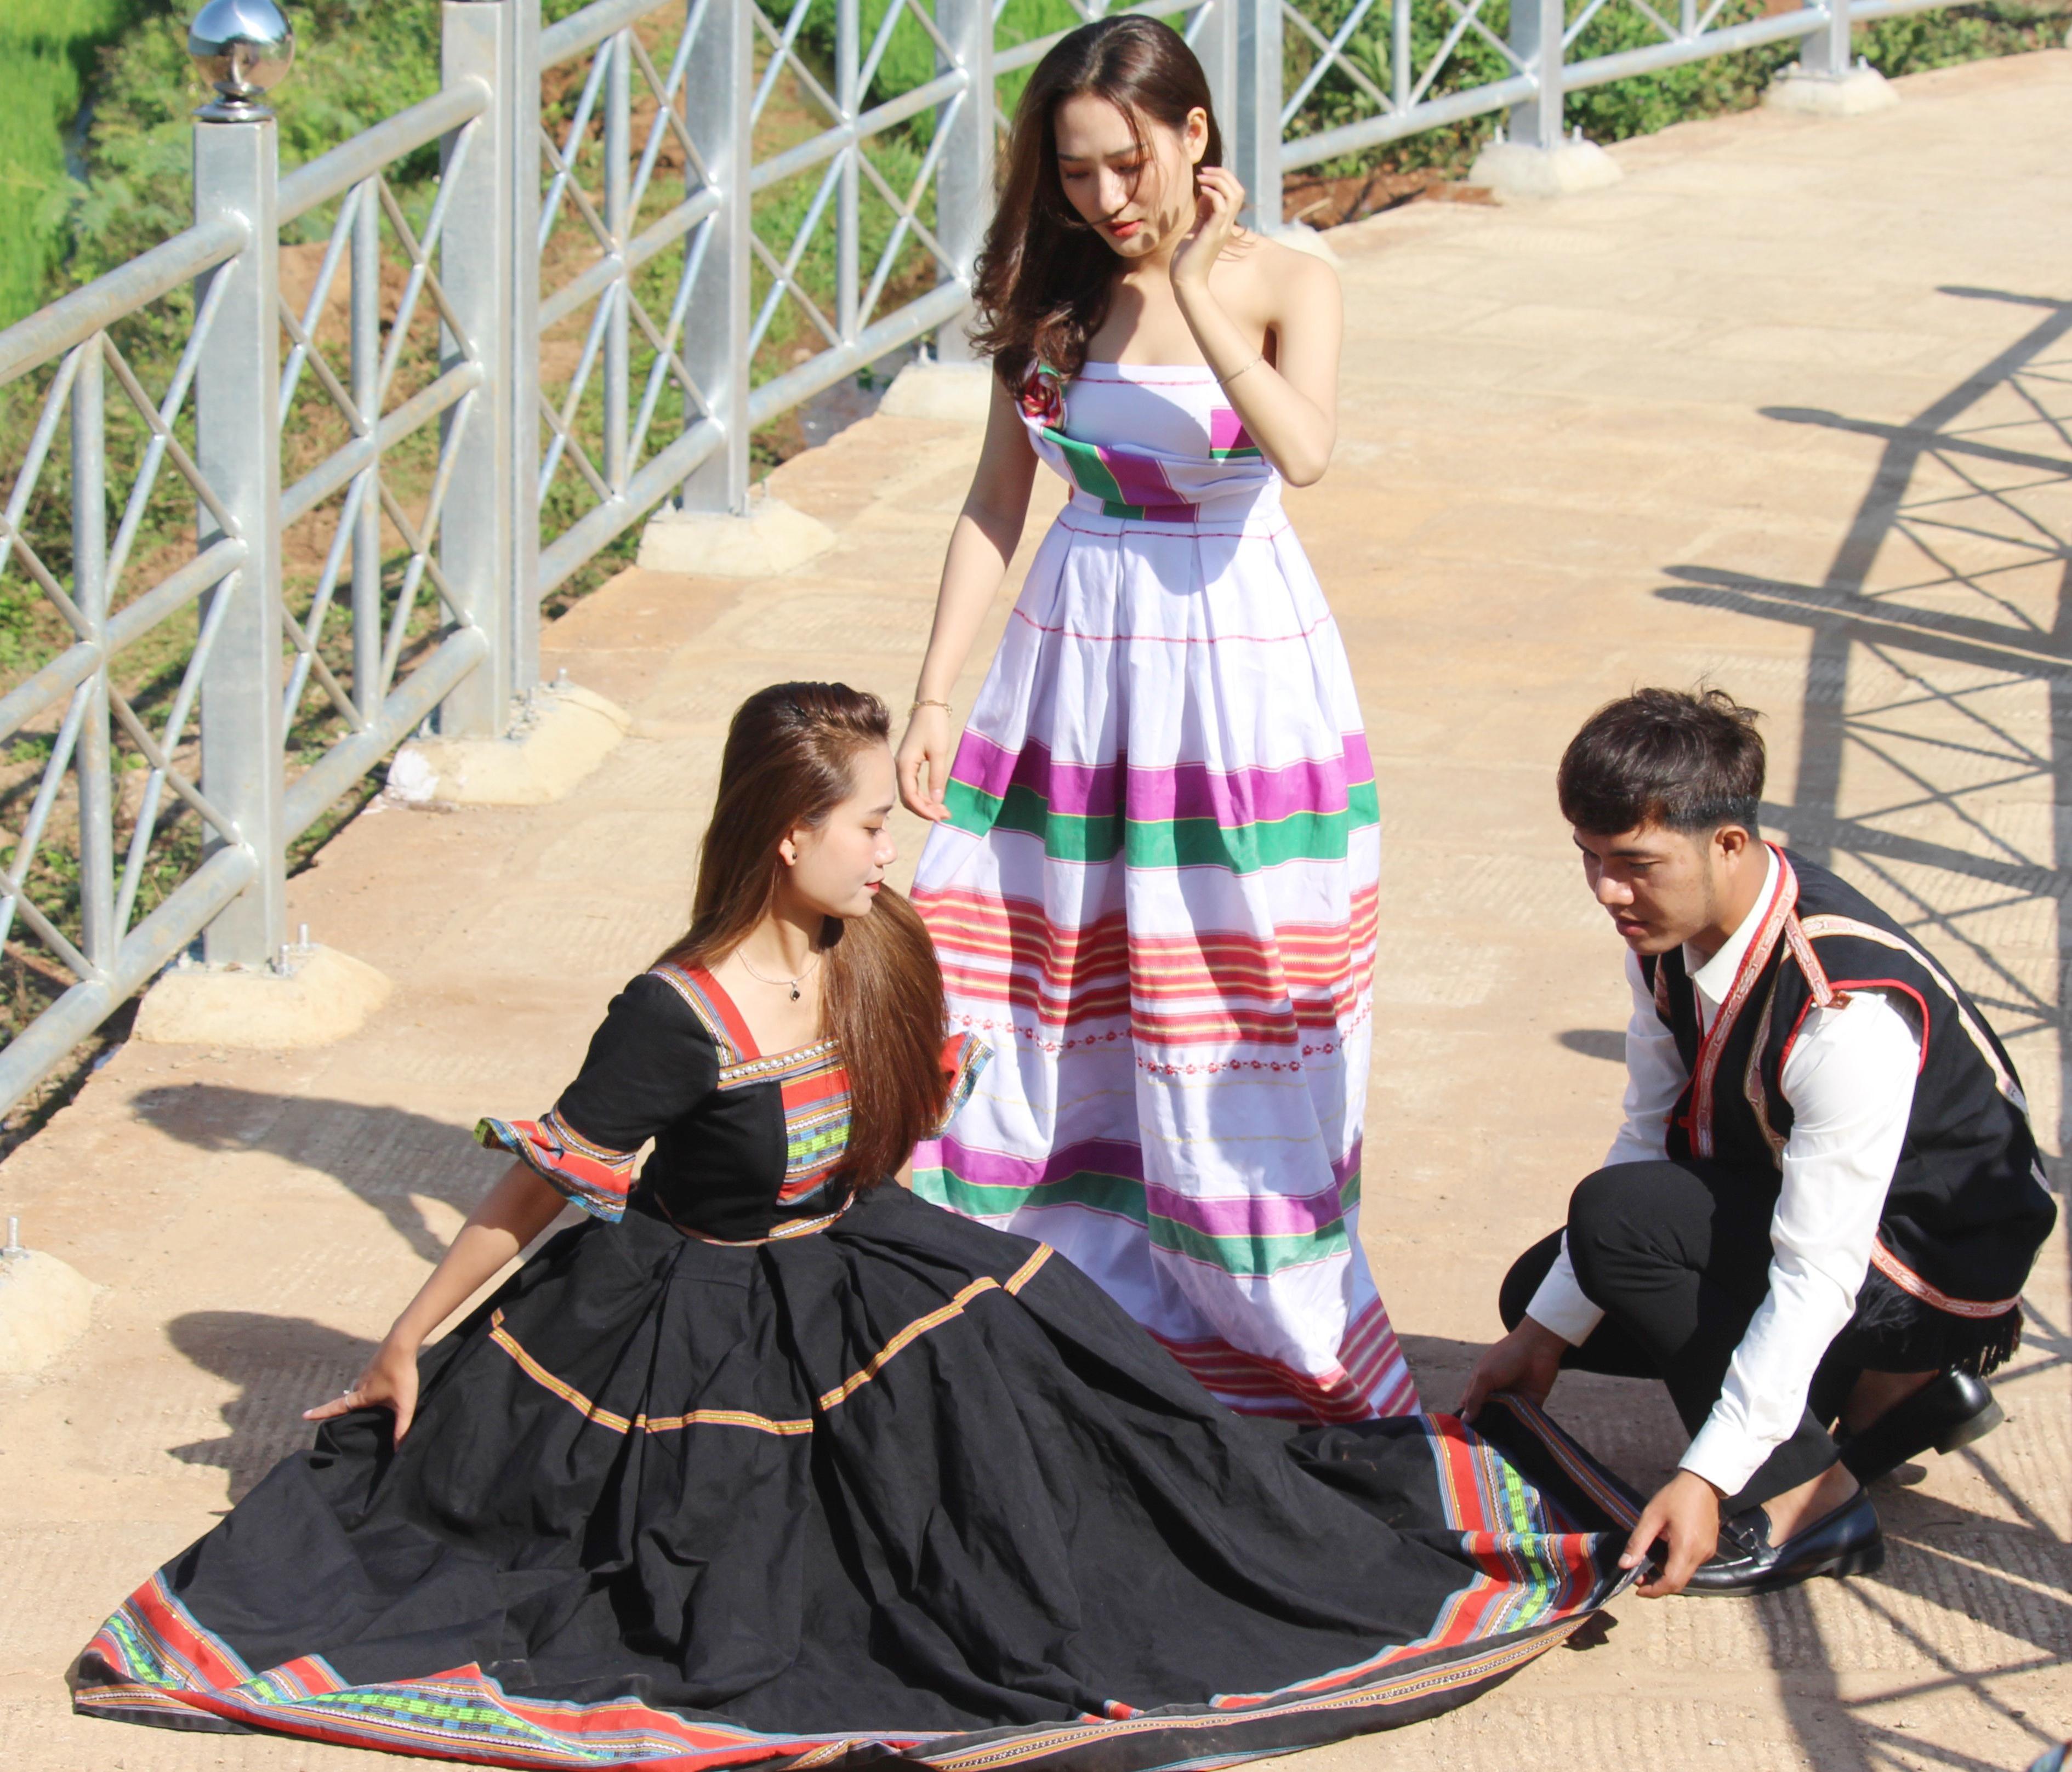 Khi bắt tay vào thực hiện, lên ý tưởng để cho ra đời các mẫu váy cưới bằng thổ cẩm, anh Tưih đã được rất nhiều bạn bè, người thân hỗ trợ, ủng hộ.